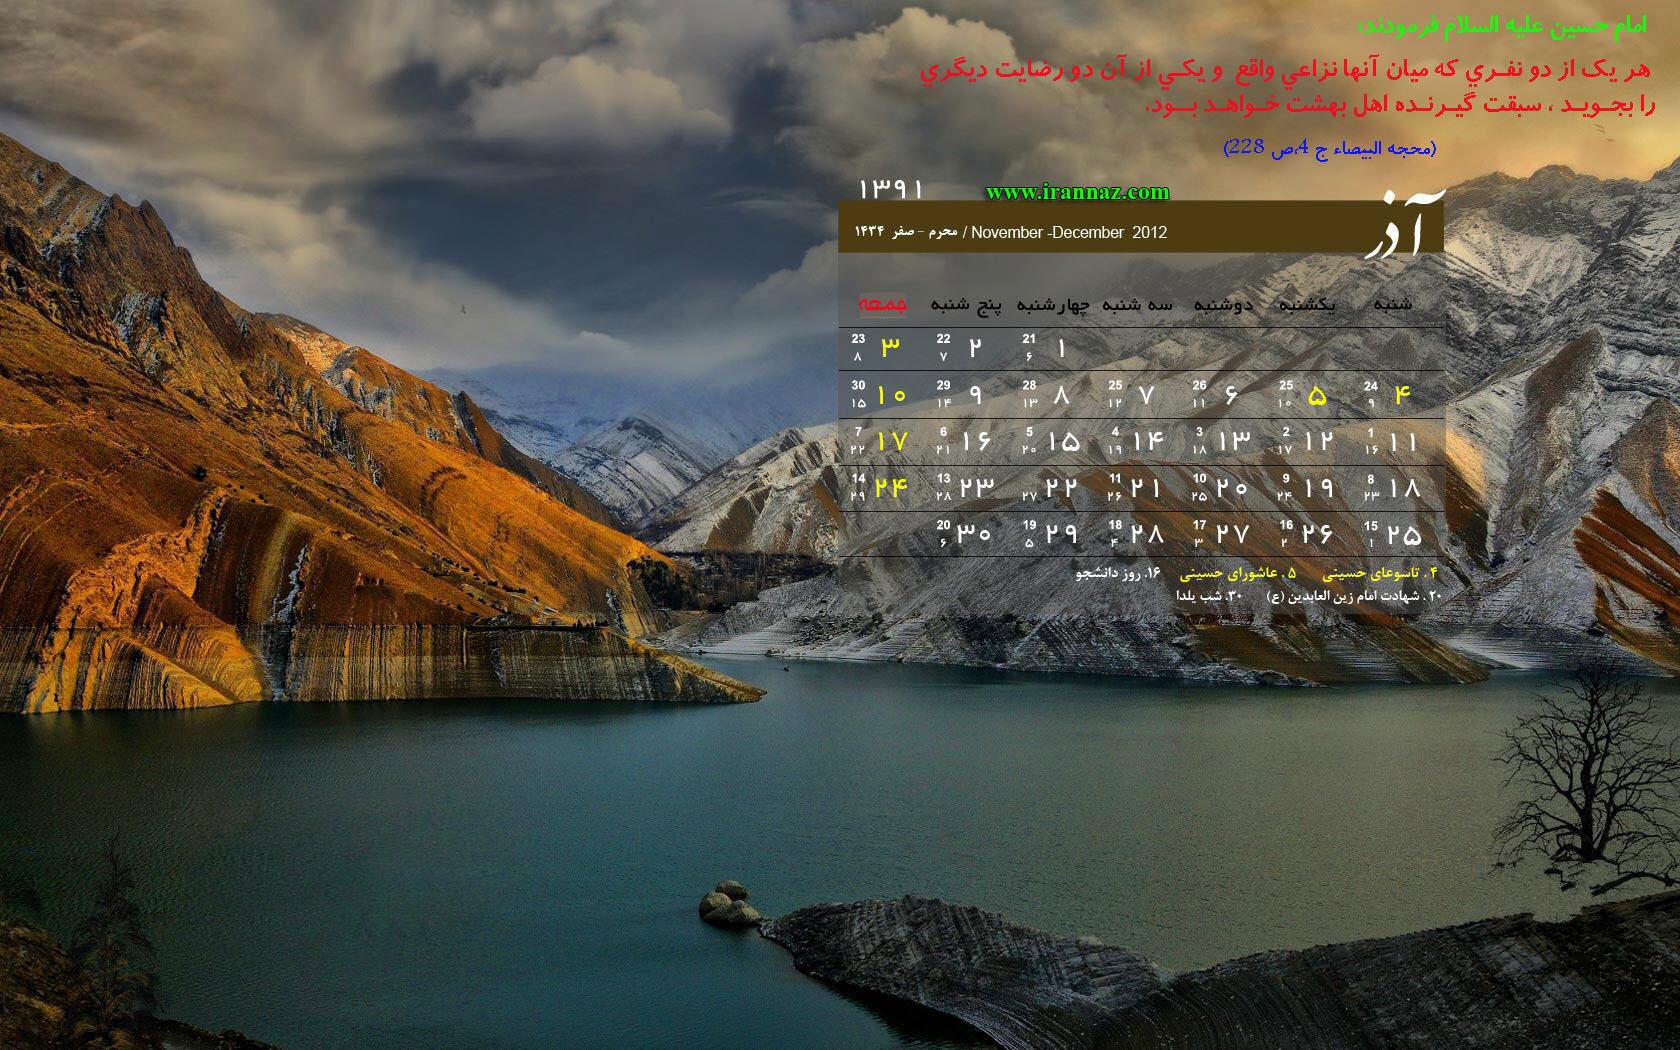 عکس های تقویم سال 91 مخصوص دسکتاپ کامپیوتر ، www.irannaz.com